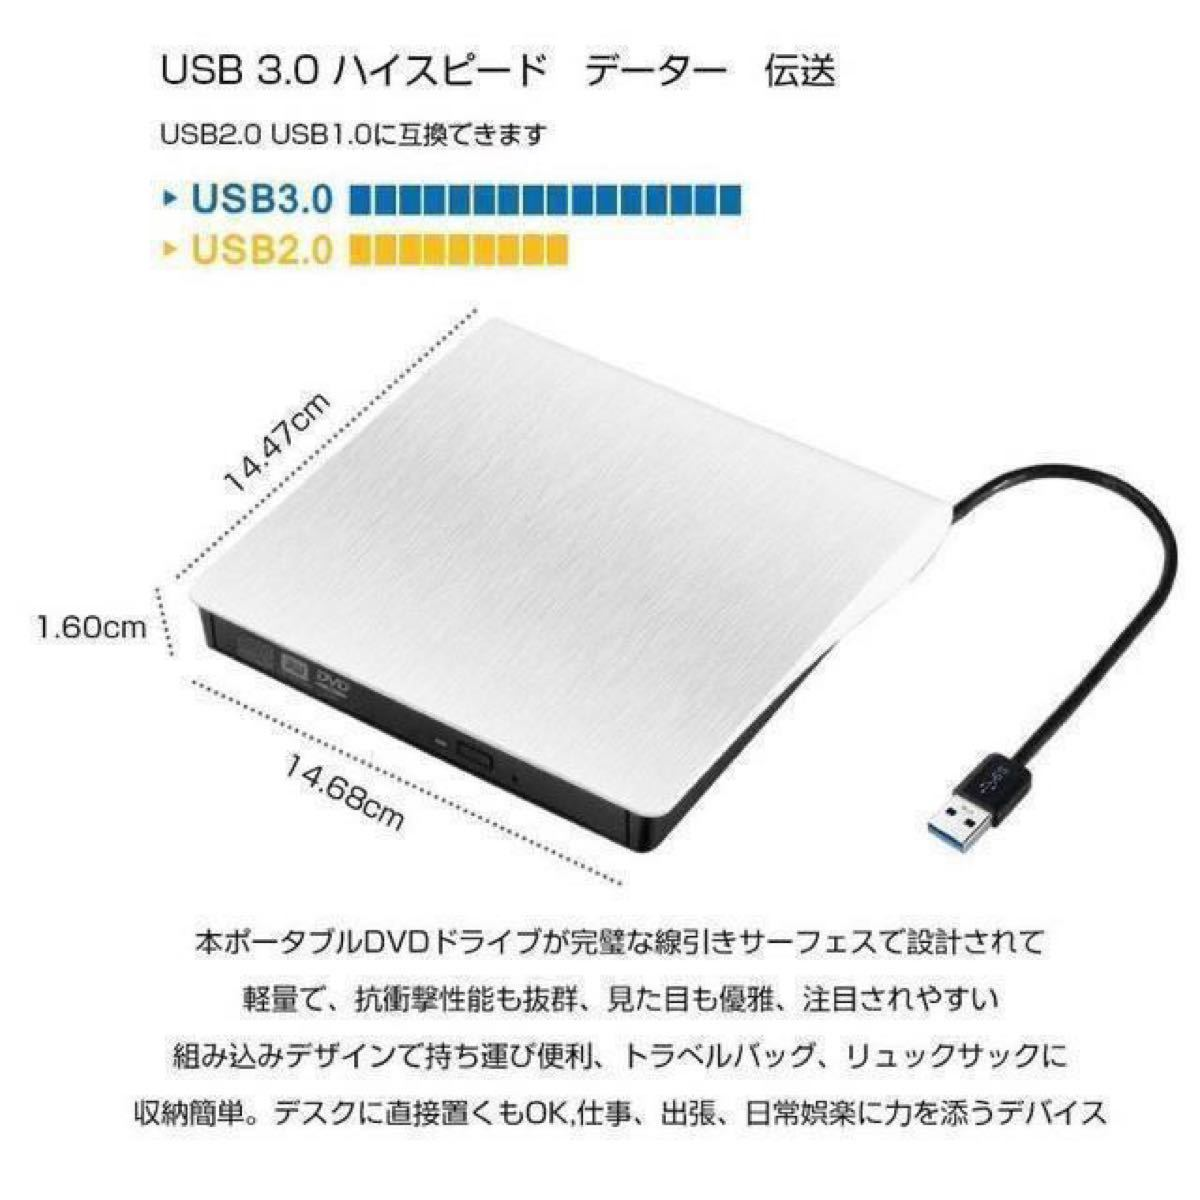 USB3.0 外付けDVDドライブ DVD DVDドライブ